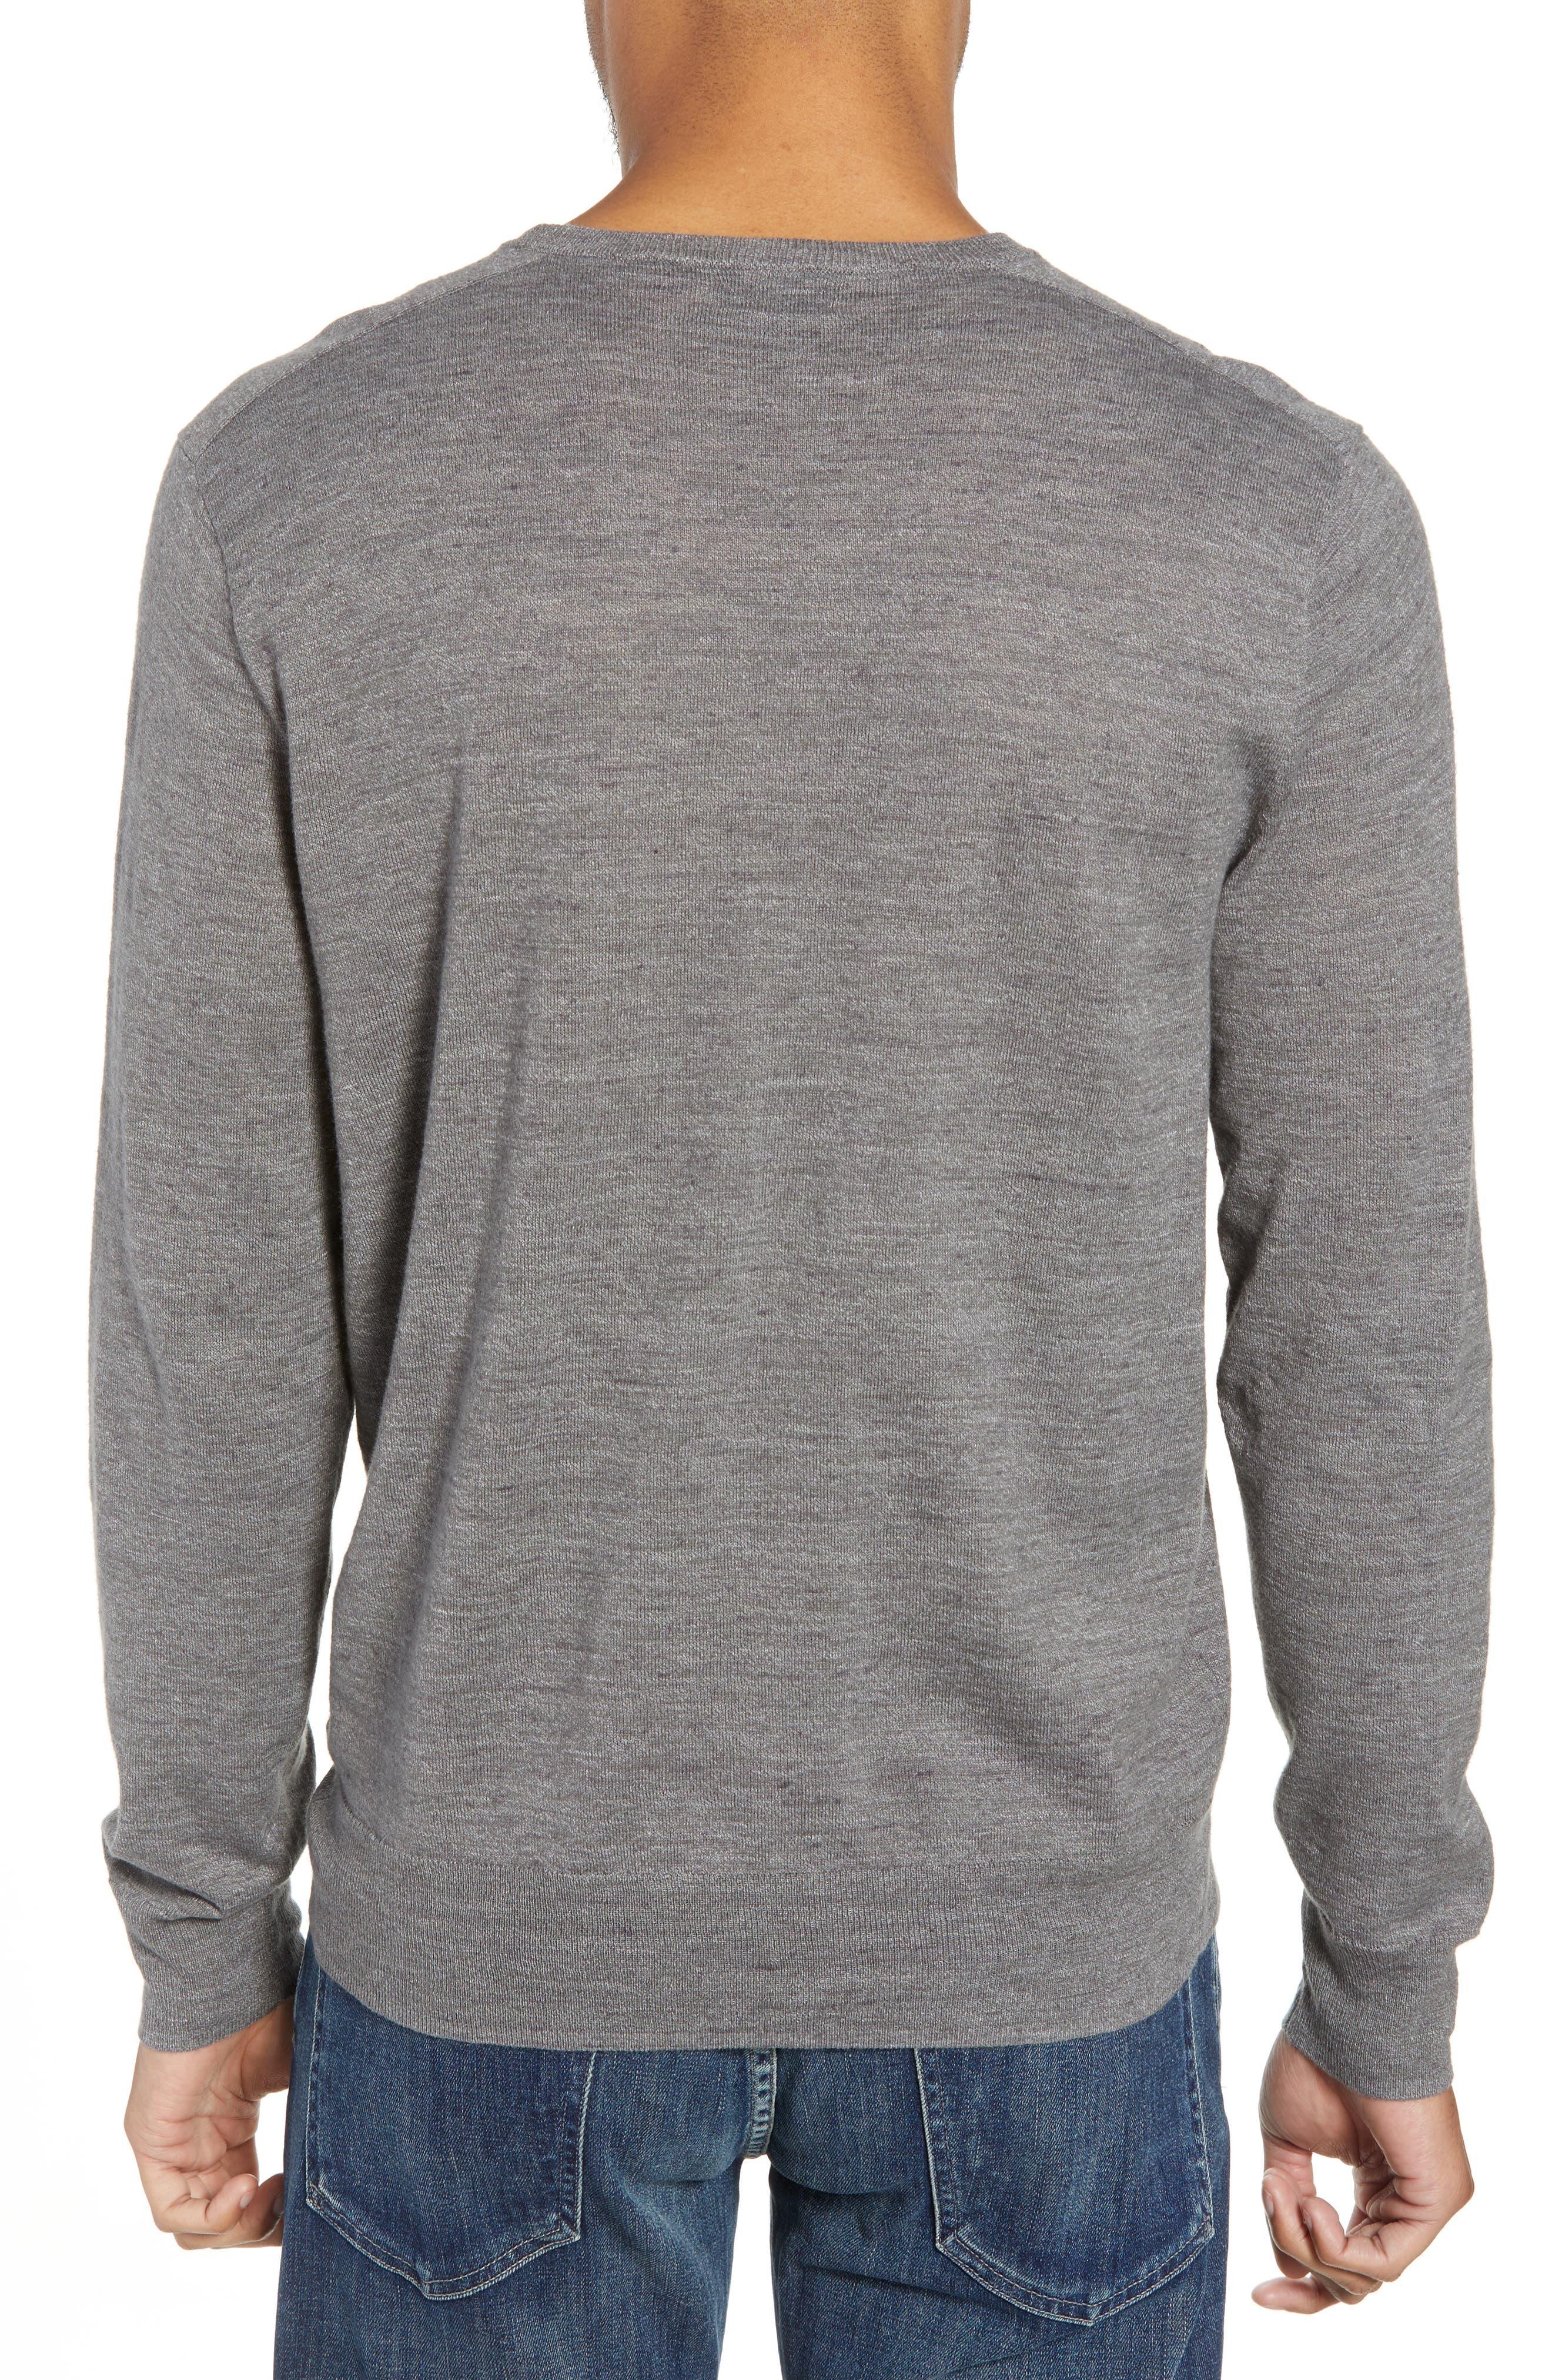 Cotton Blend Crewneck Sweater,                             Alternate thumbnail 5, color,